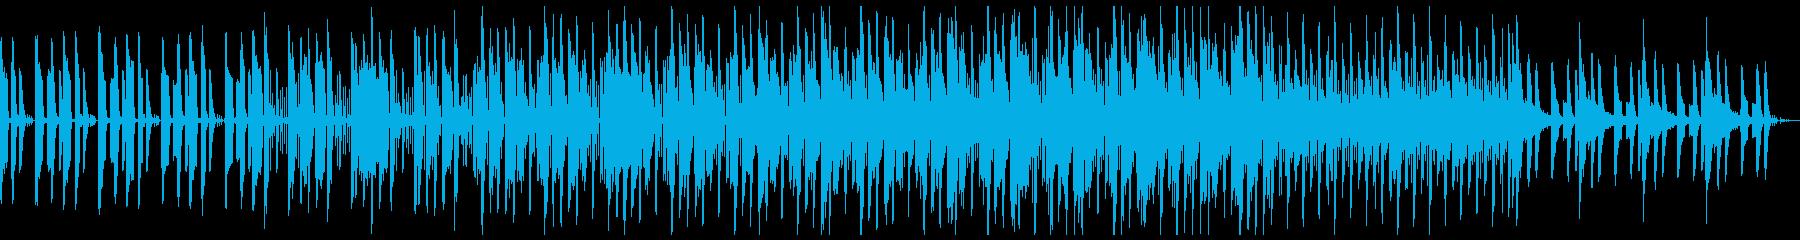 近未来的なシンセとアコギを融合させた楽曲の再生済みの波形